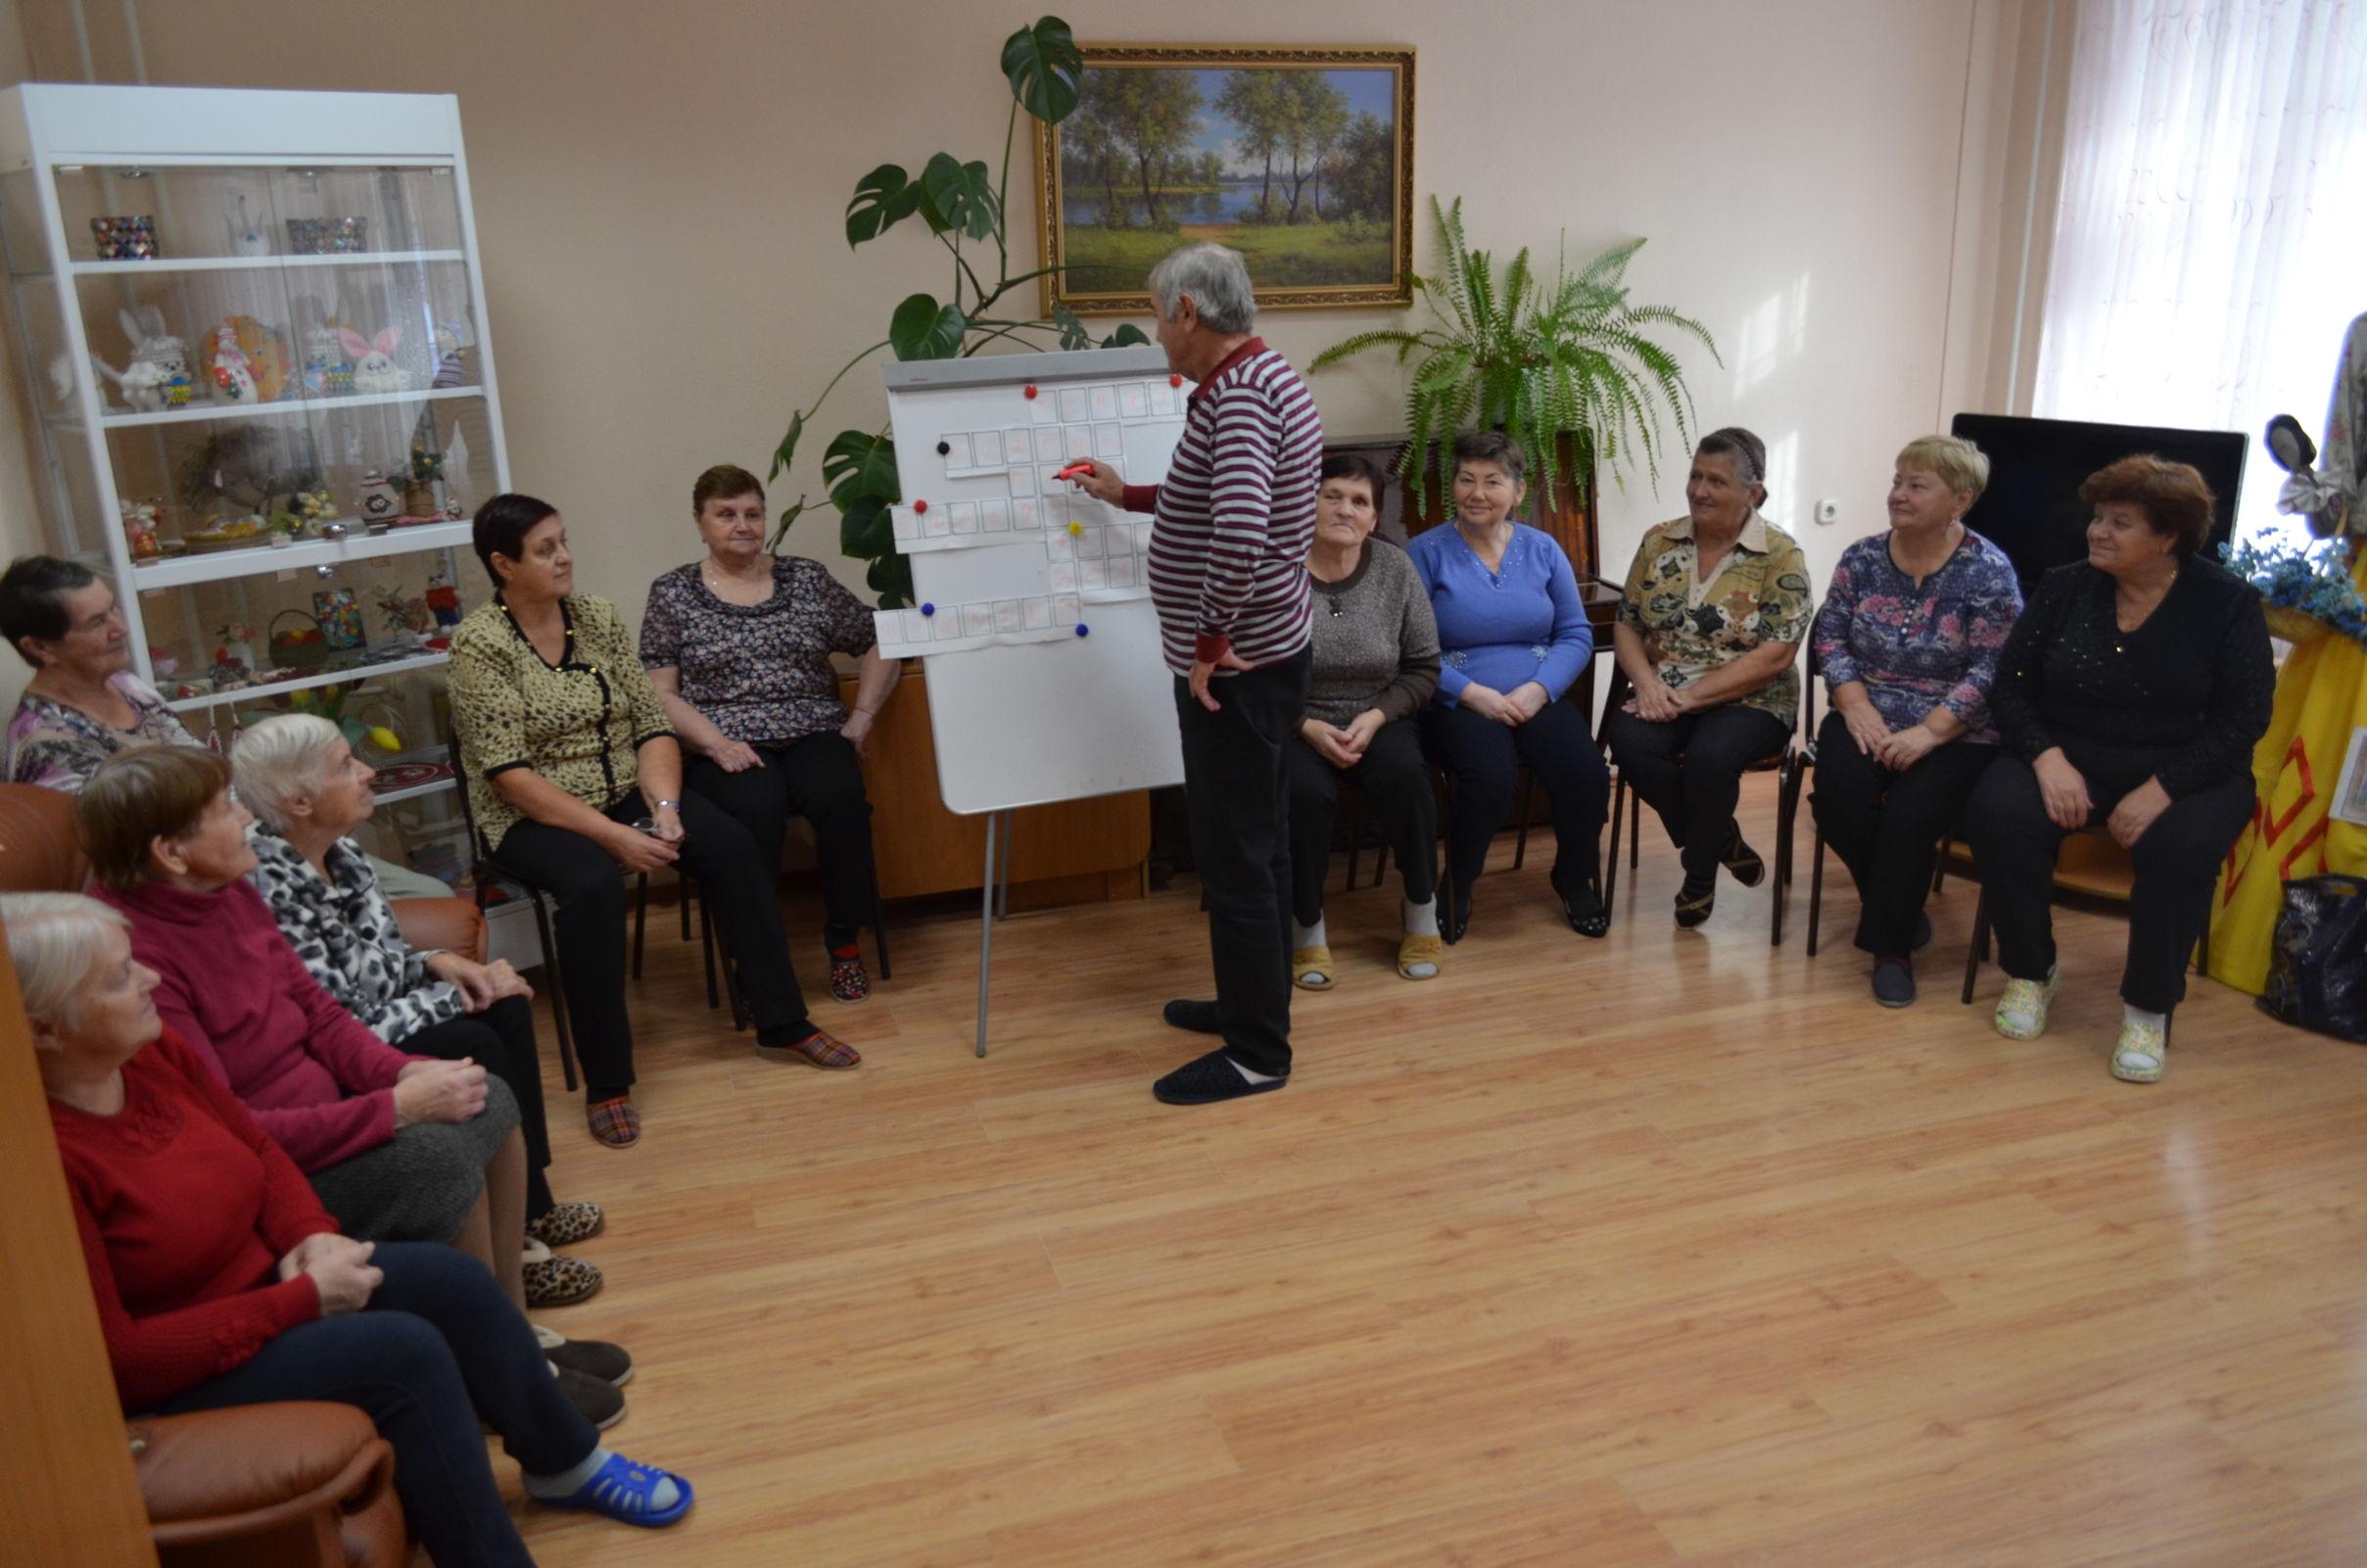 Пожилые граждане могут освоить основы финансовой грамотности на бесплатных занятиях